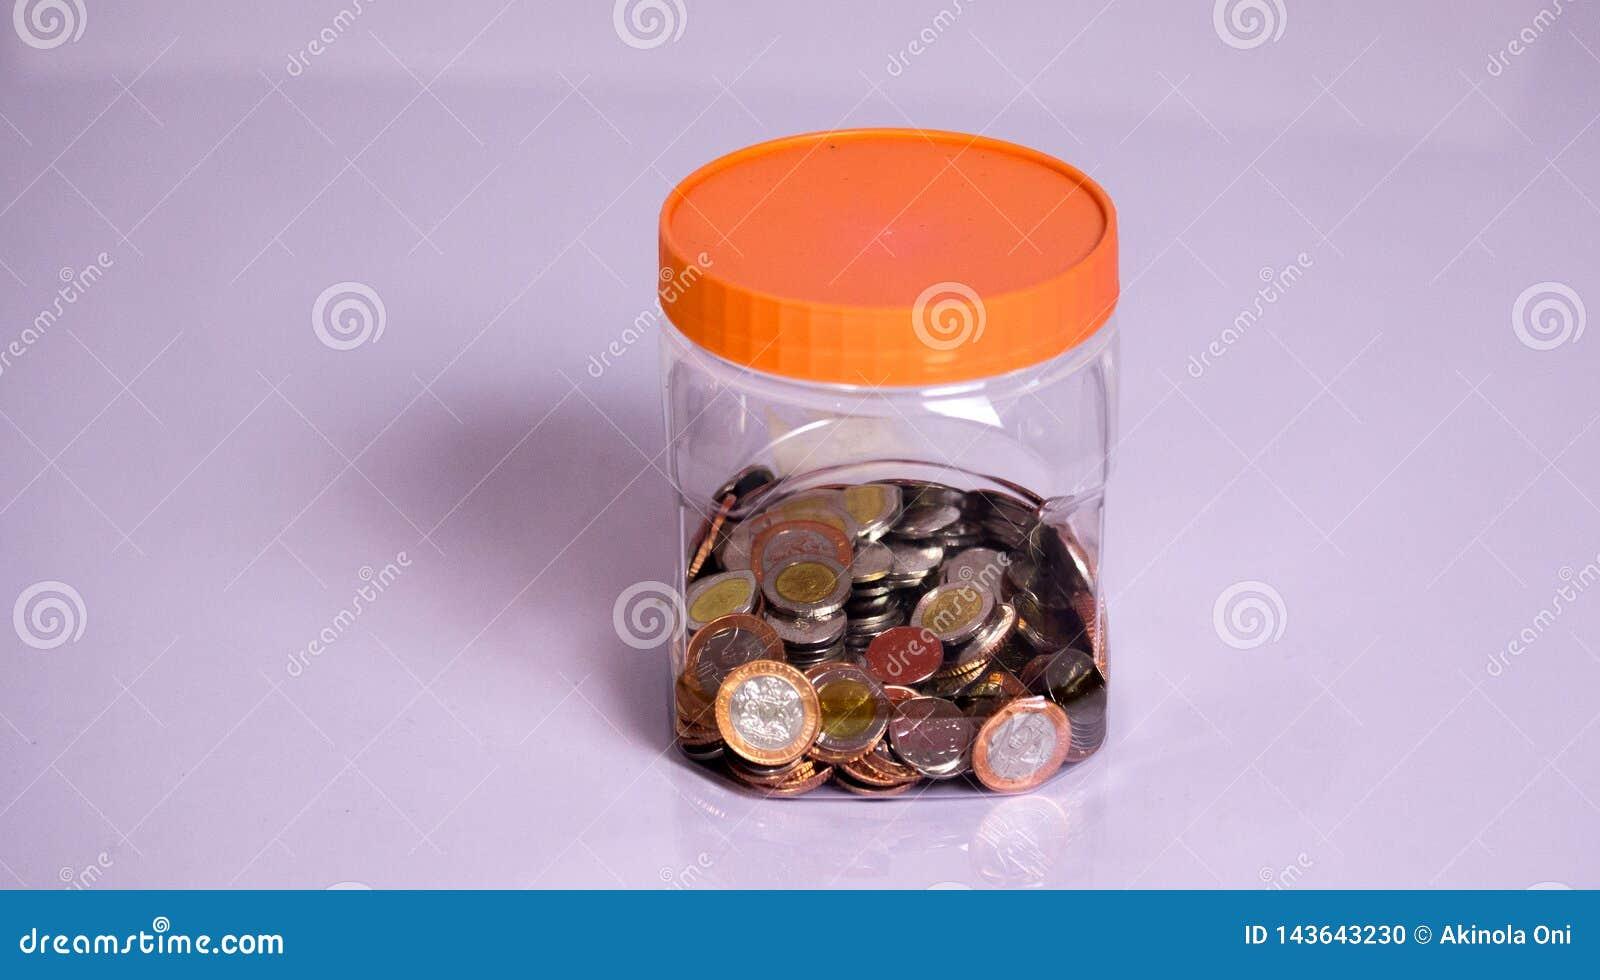 Monedas y ahorros en una botella transparente